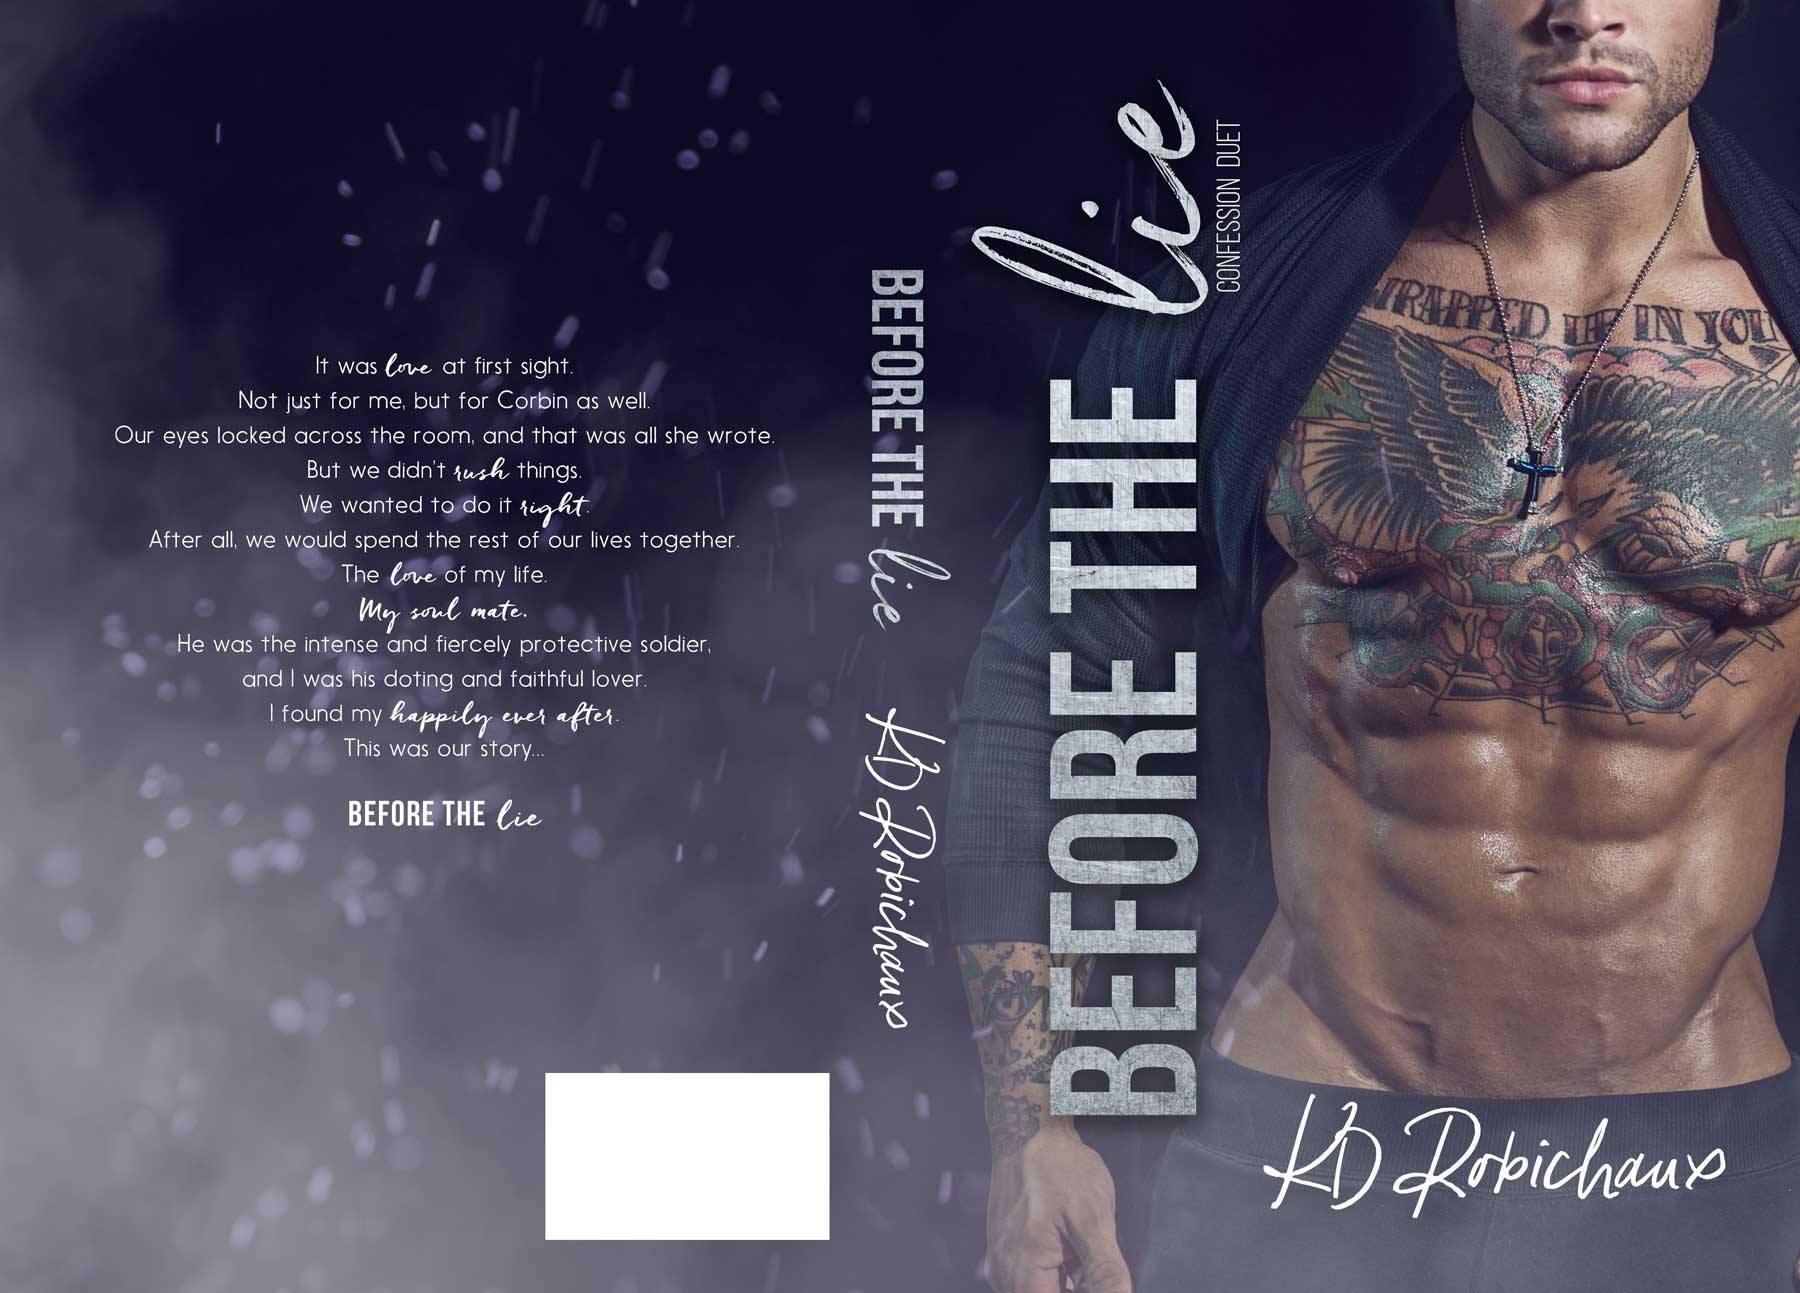 Before the Lie (Confession Duet, #1) by K.D. Robichaux